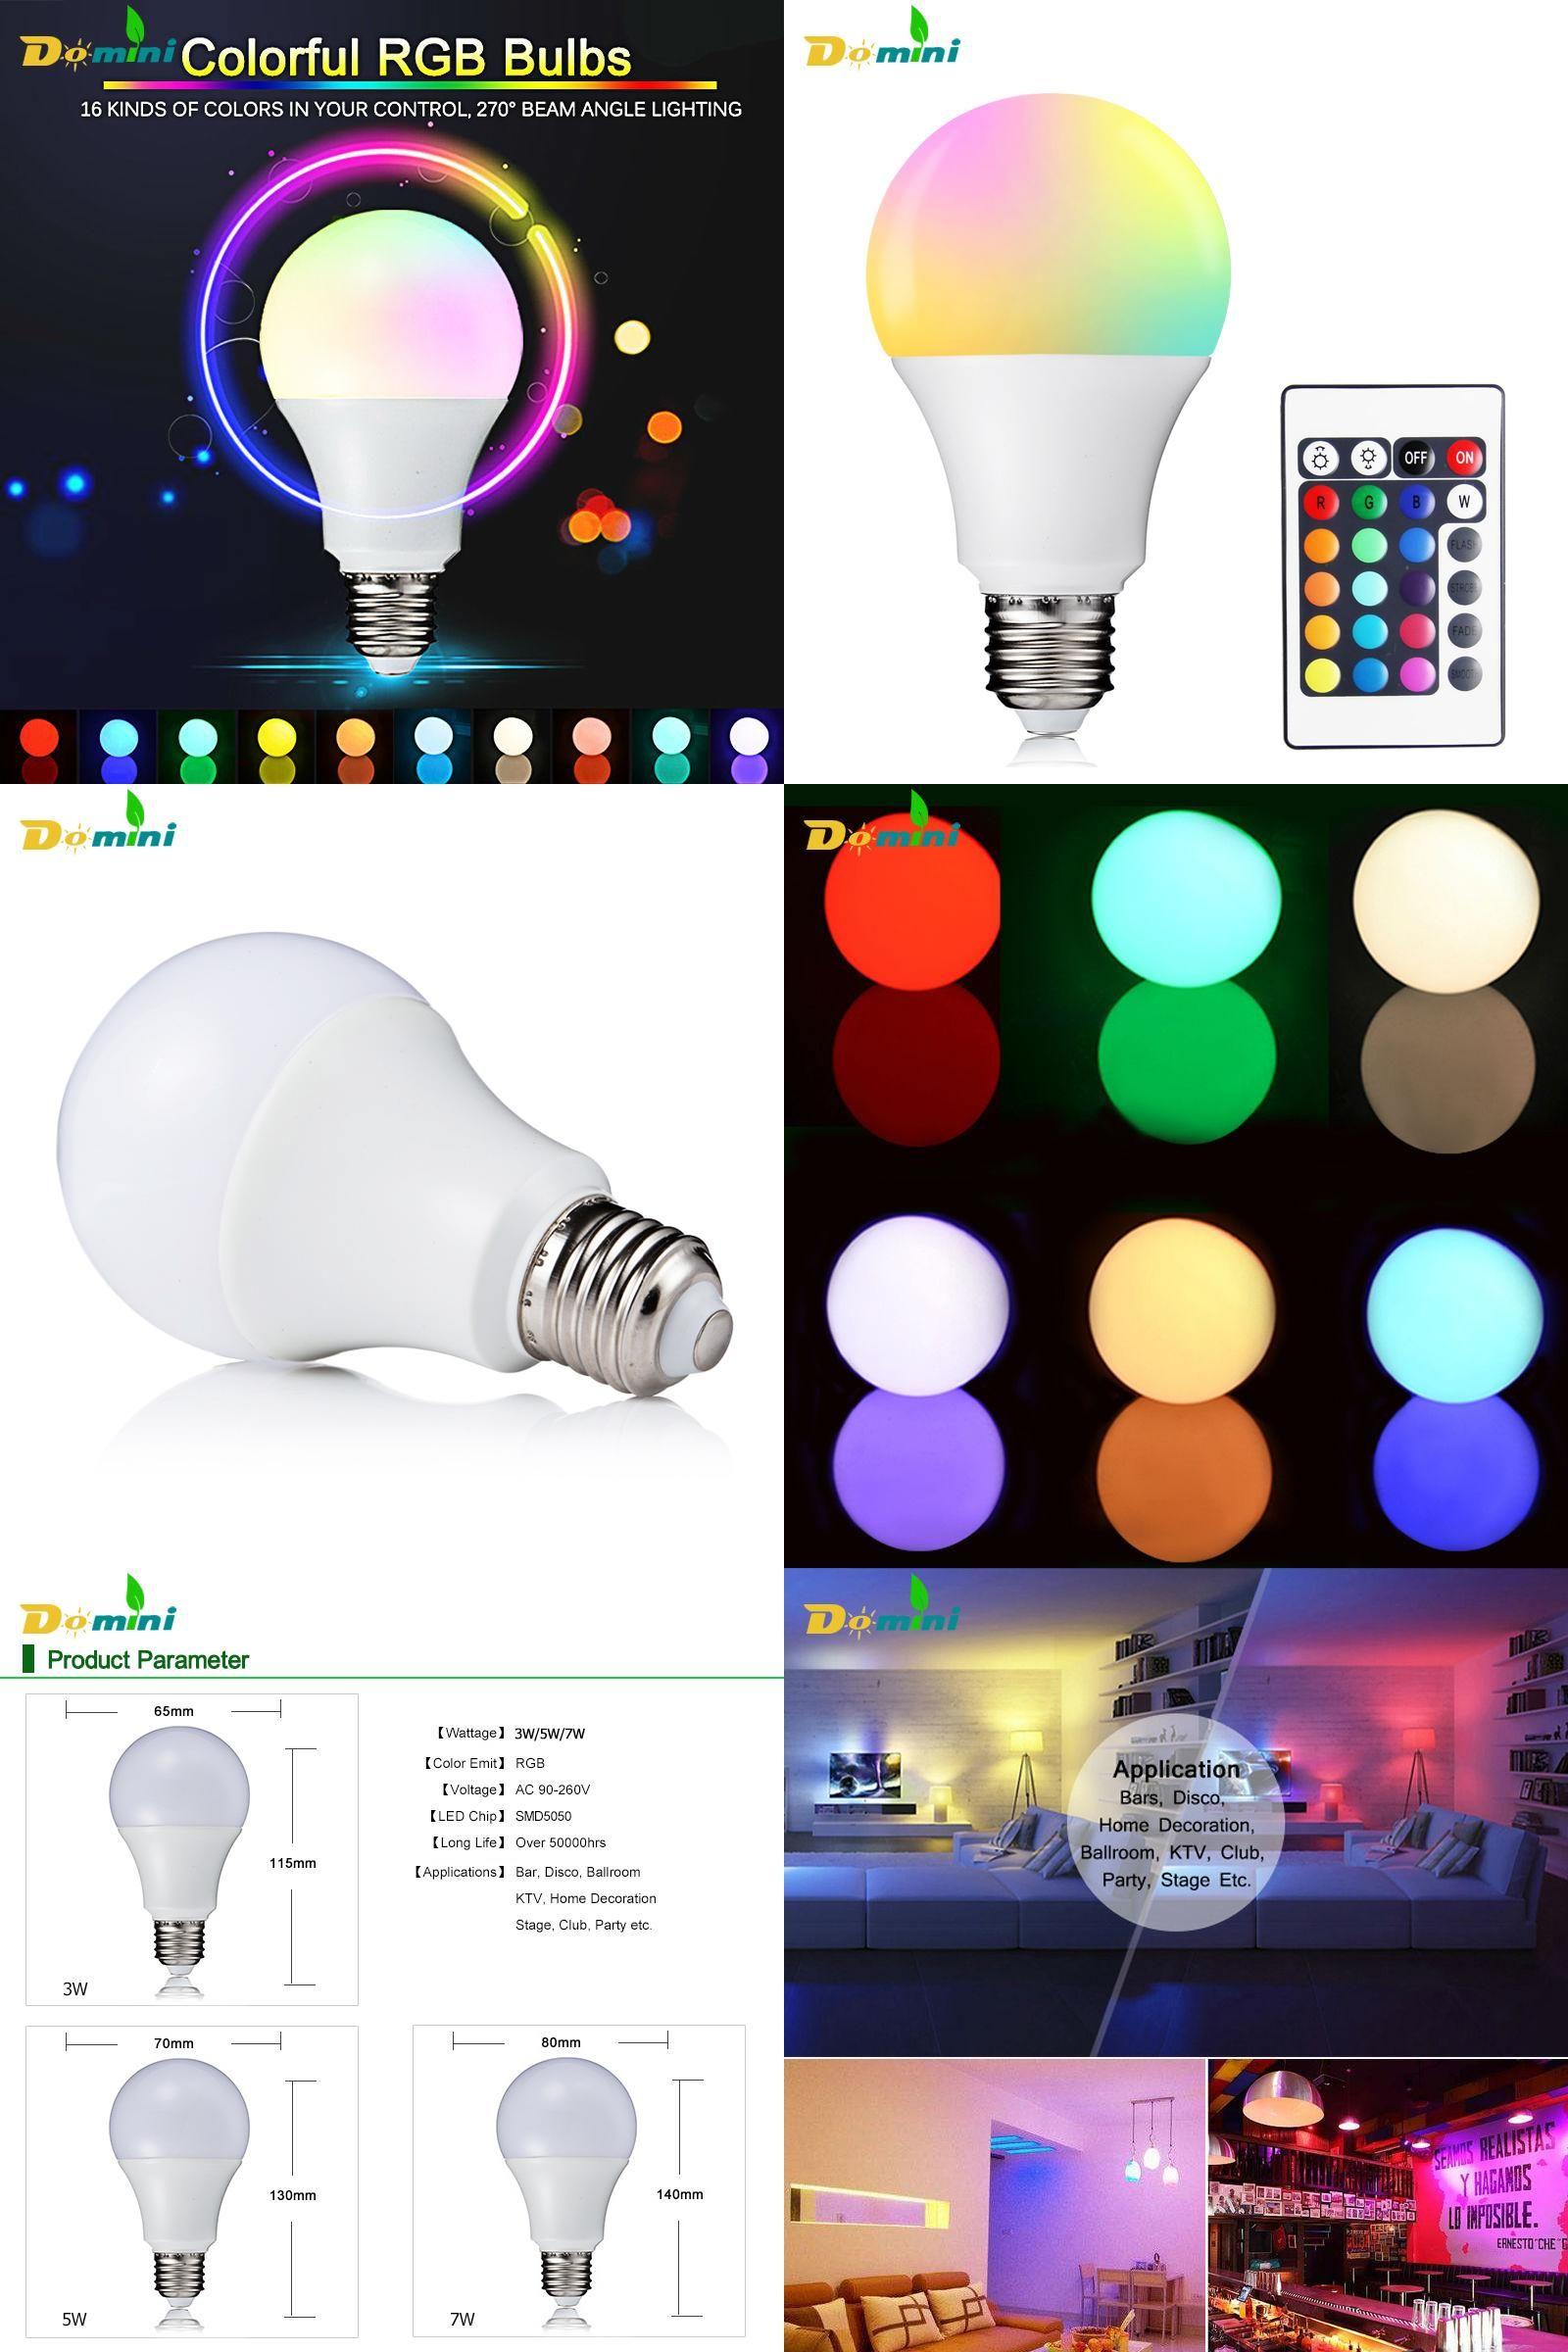 Visit To Buy Domini E27 Rgb Led Bulbs 3w 5w 7w Led Lamp Light